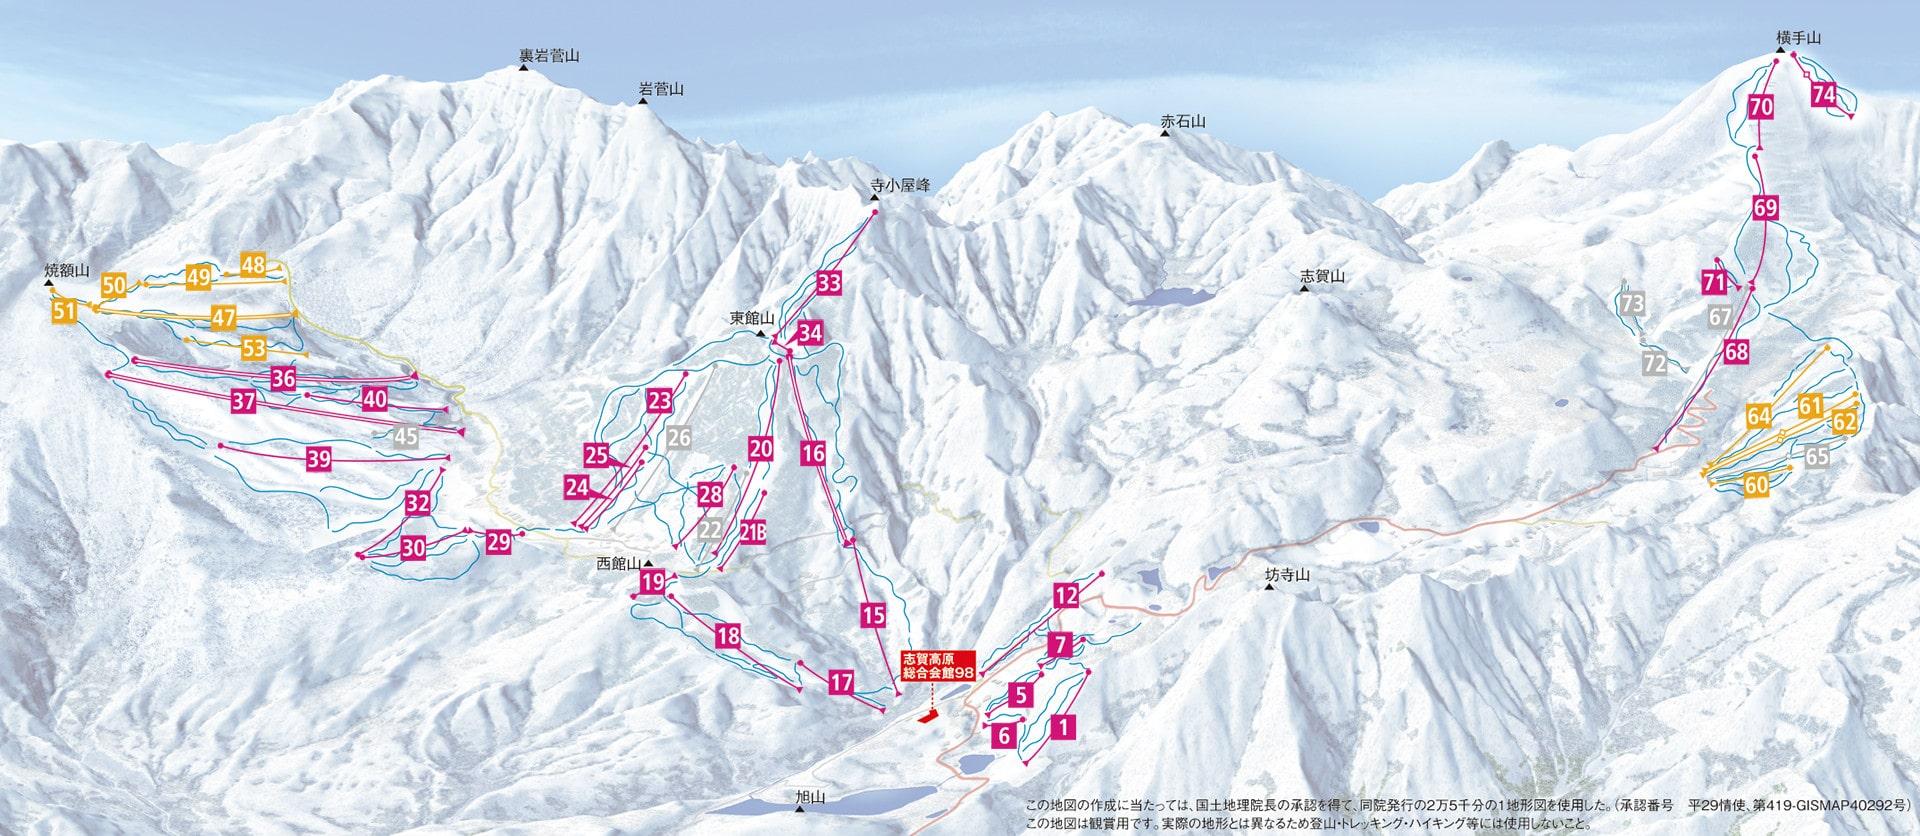 Shiga Kogen-Yakebitaiyama Piste / Trail Map